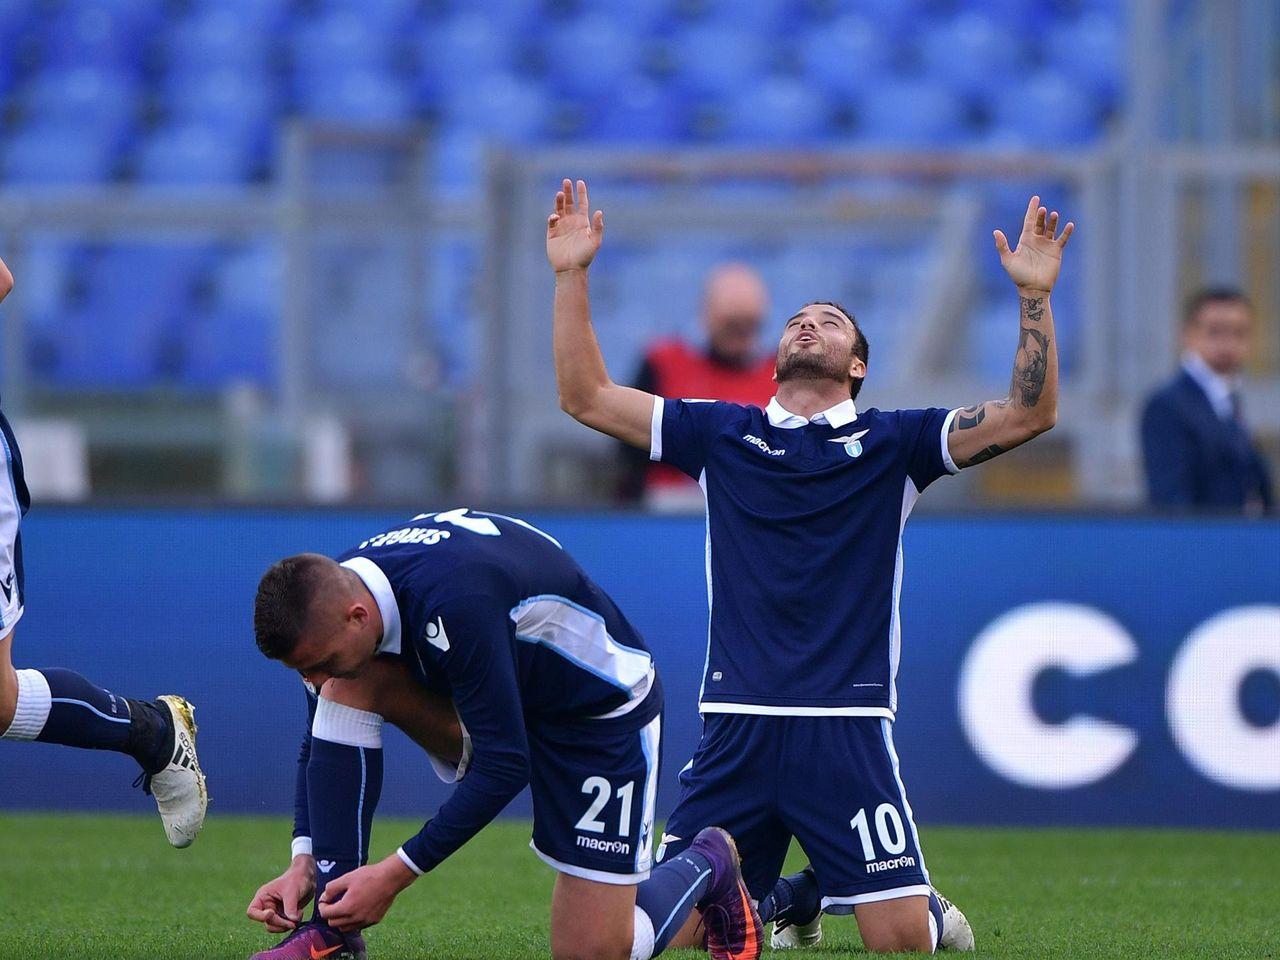 Le pagelle di Lazio-Genoa 3-1 - Eurosport